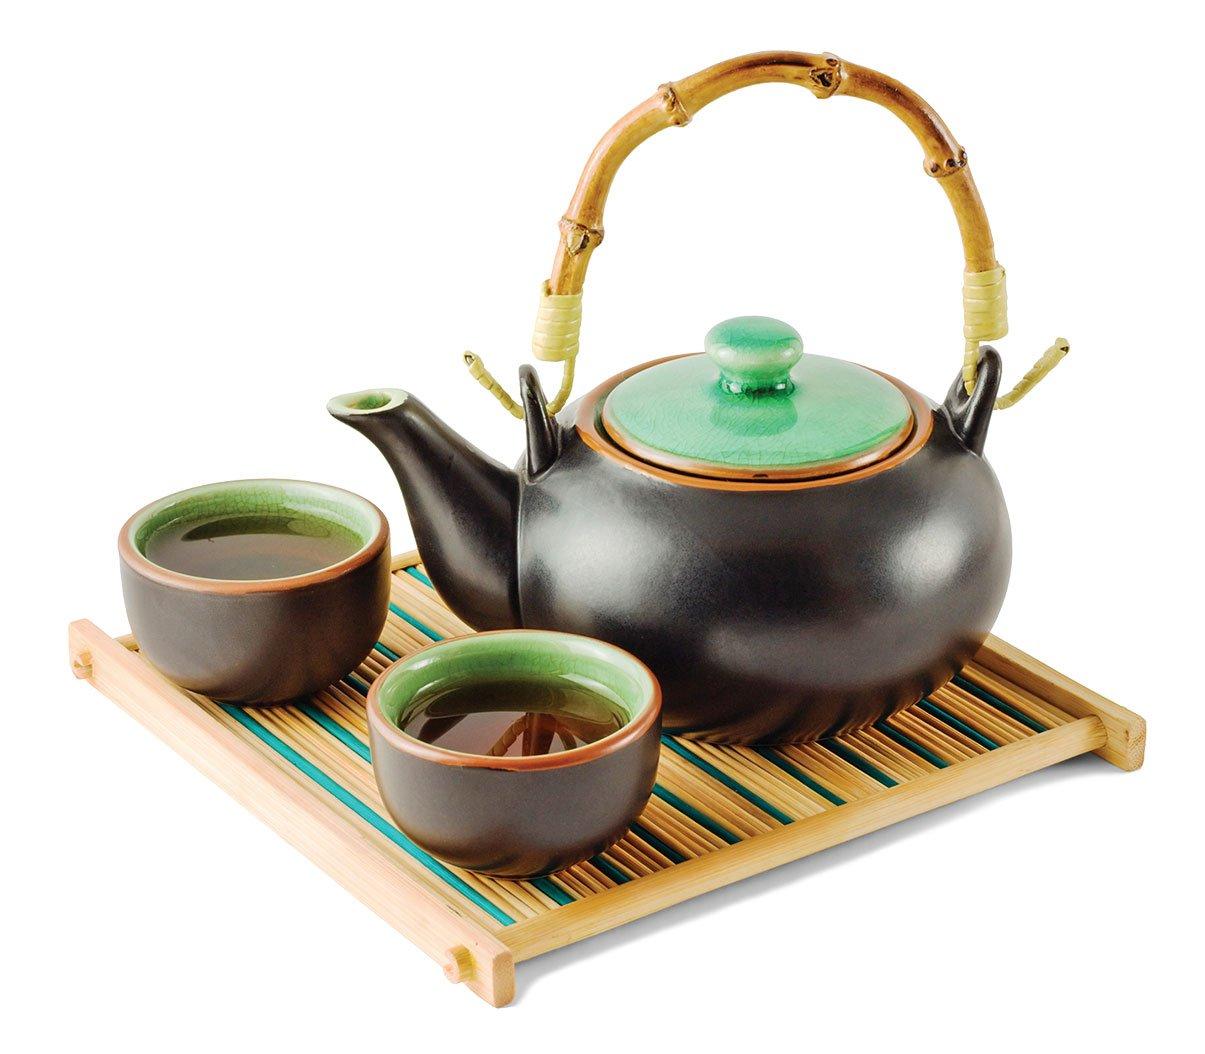 中唐時,陸羽著之《茶經》問世,為唐代茶文化繁榮拉開序幕。(Fotolia)